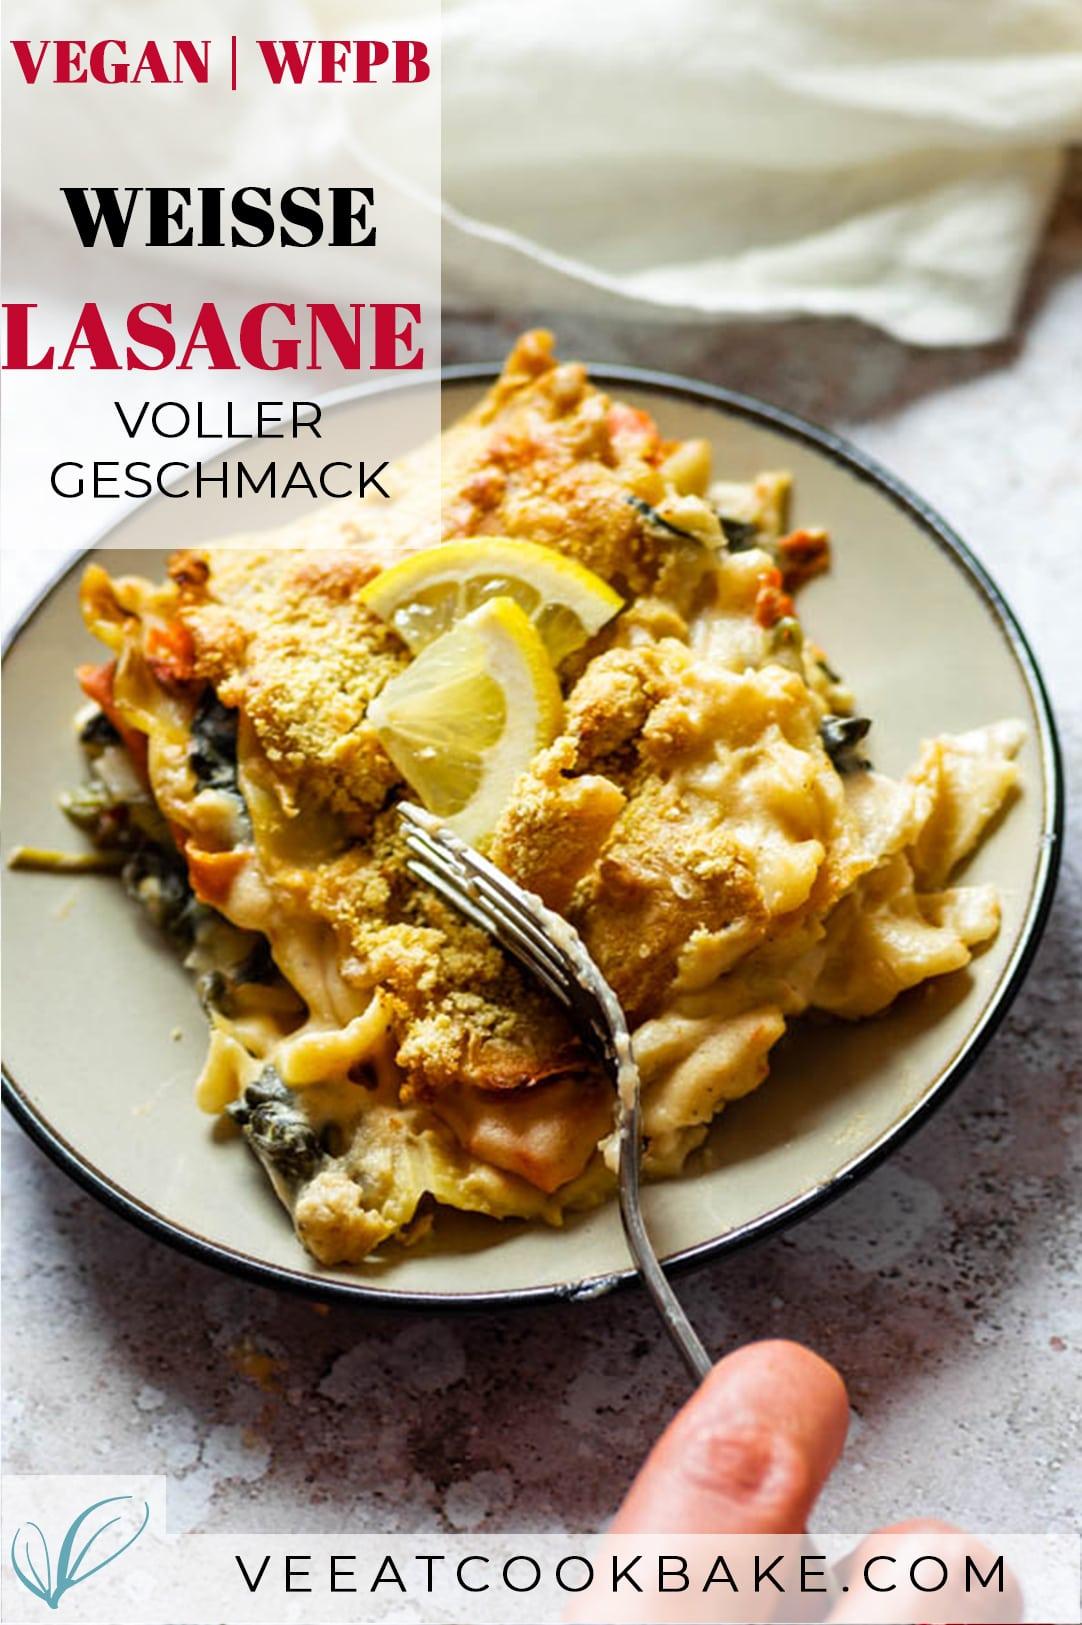 Weiße Lasagne auf einem Teller mit Text